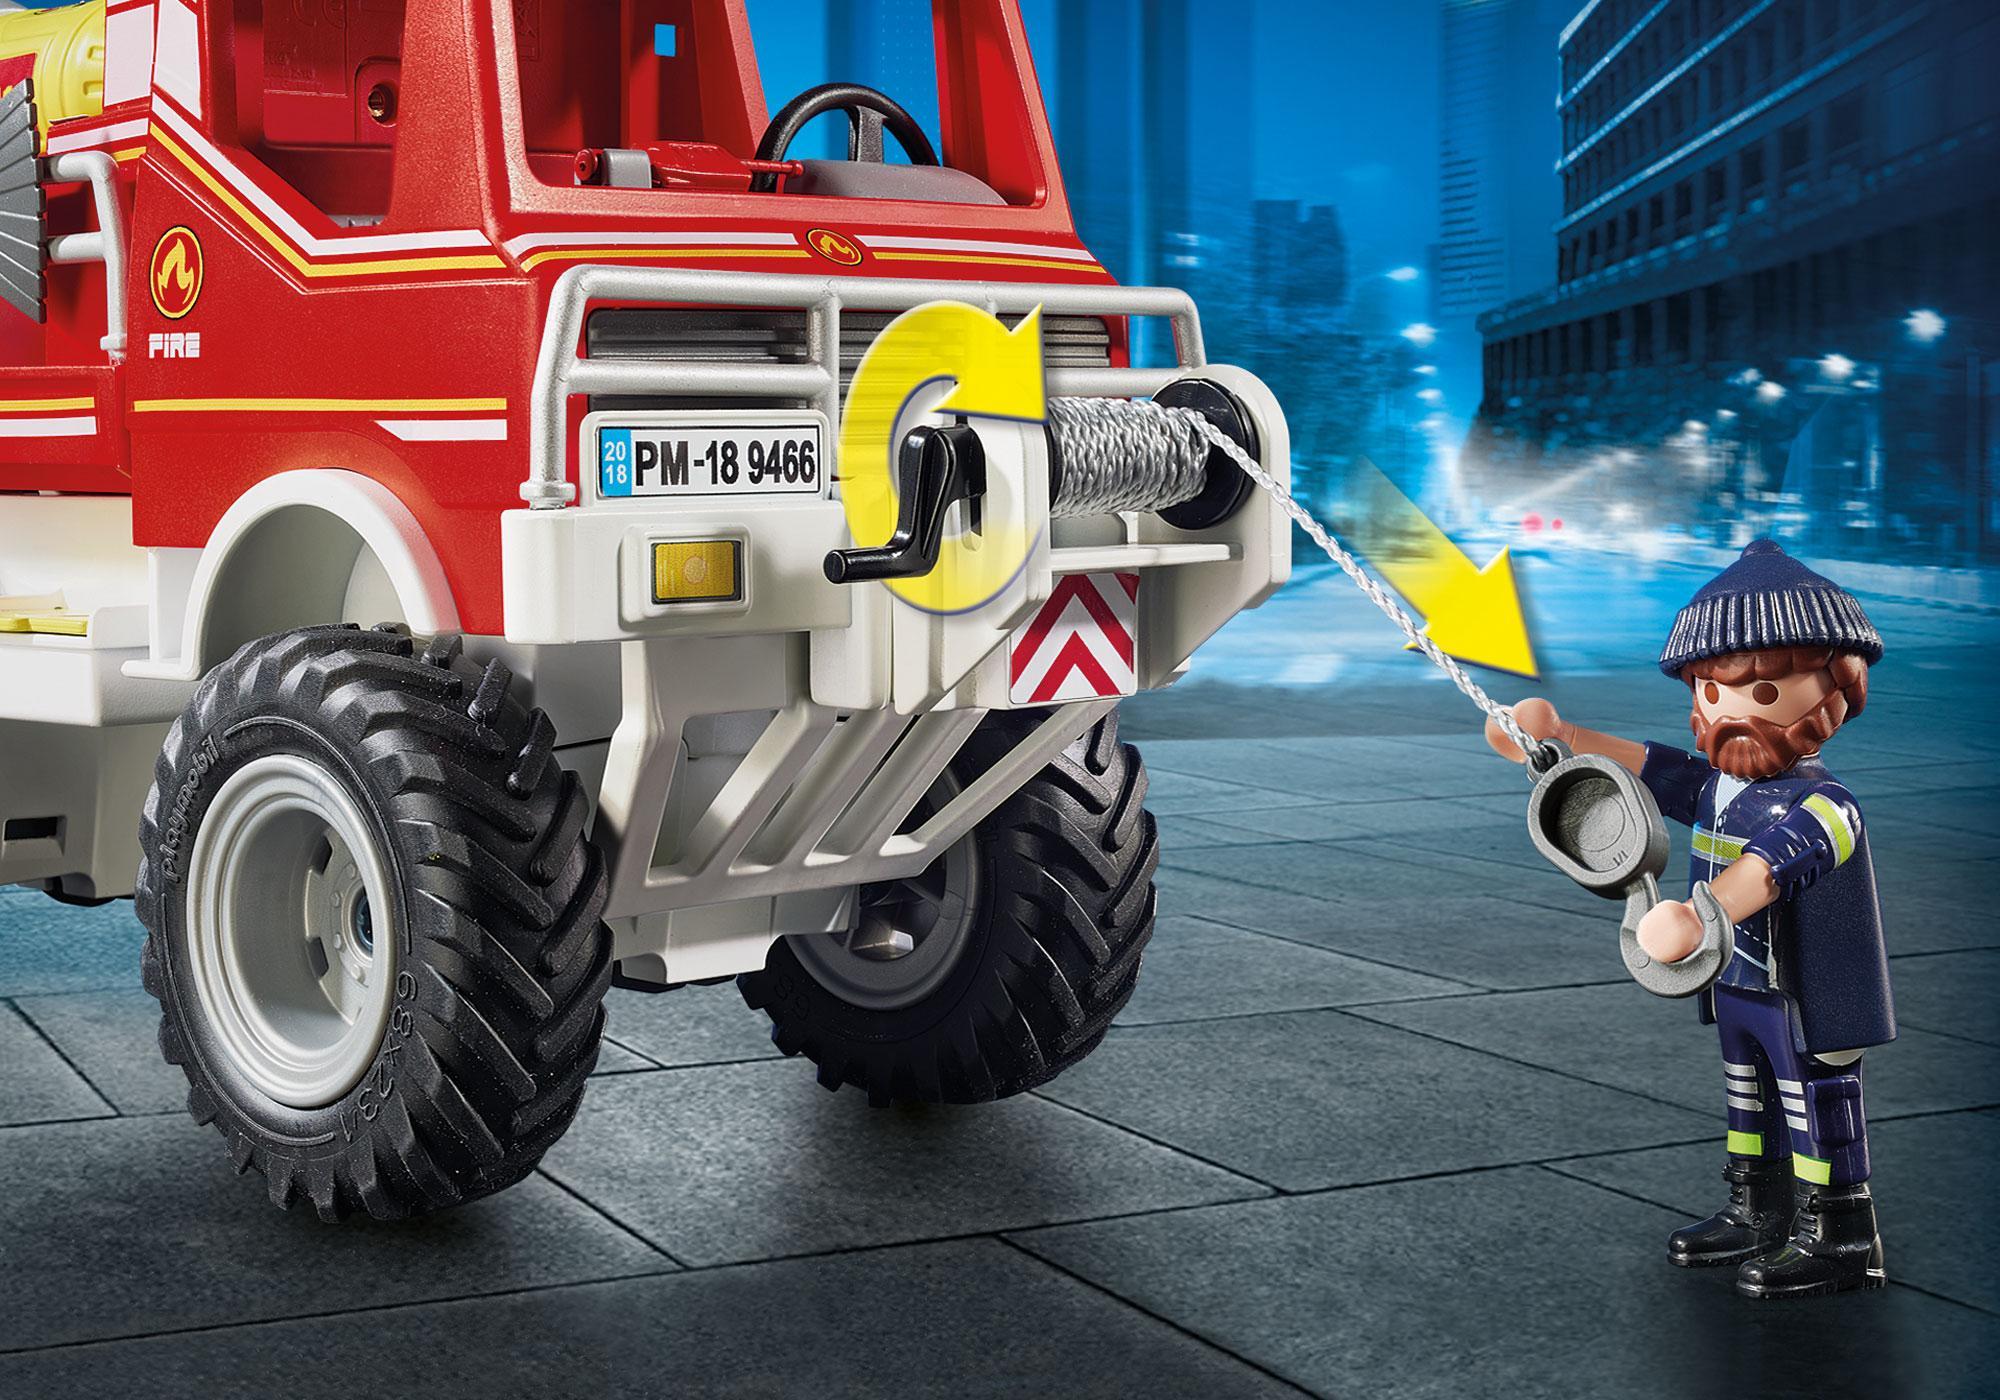 http://media.playmobil.com/i/playmobil/9466_product_extra1/Todoterreno